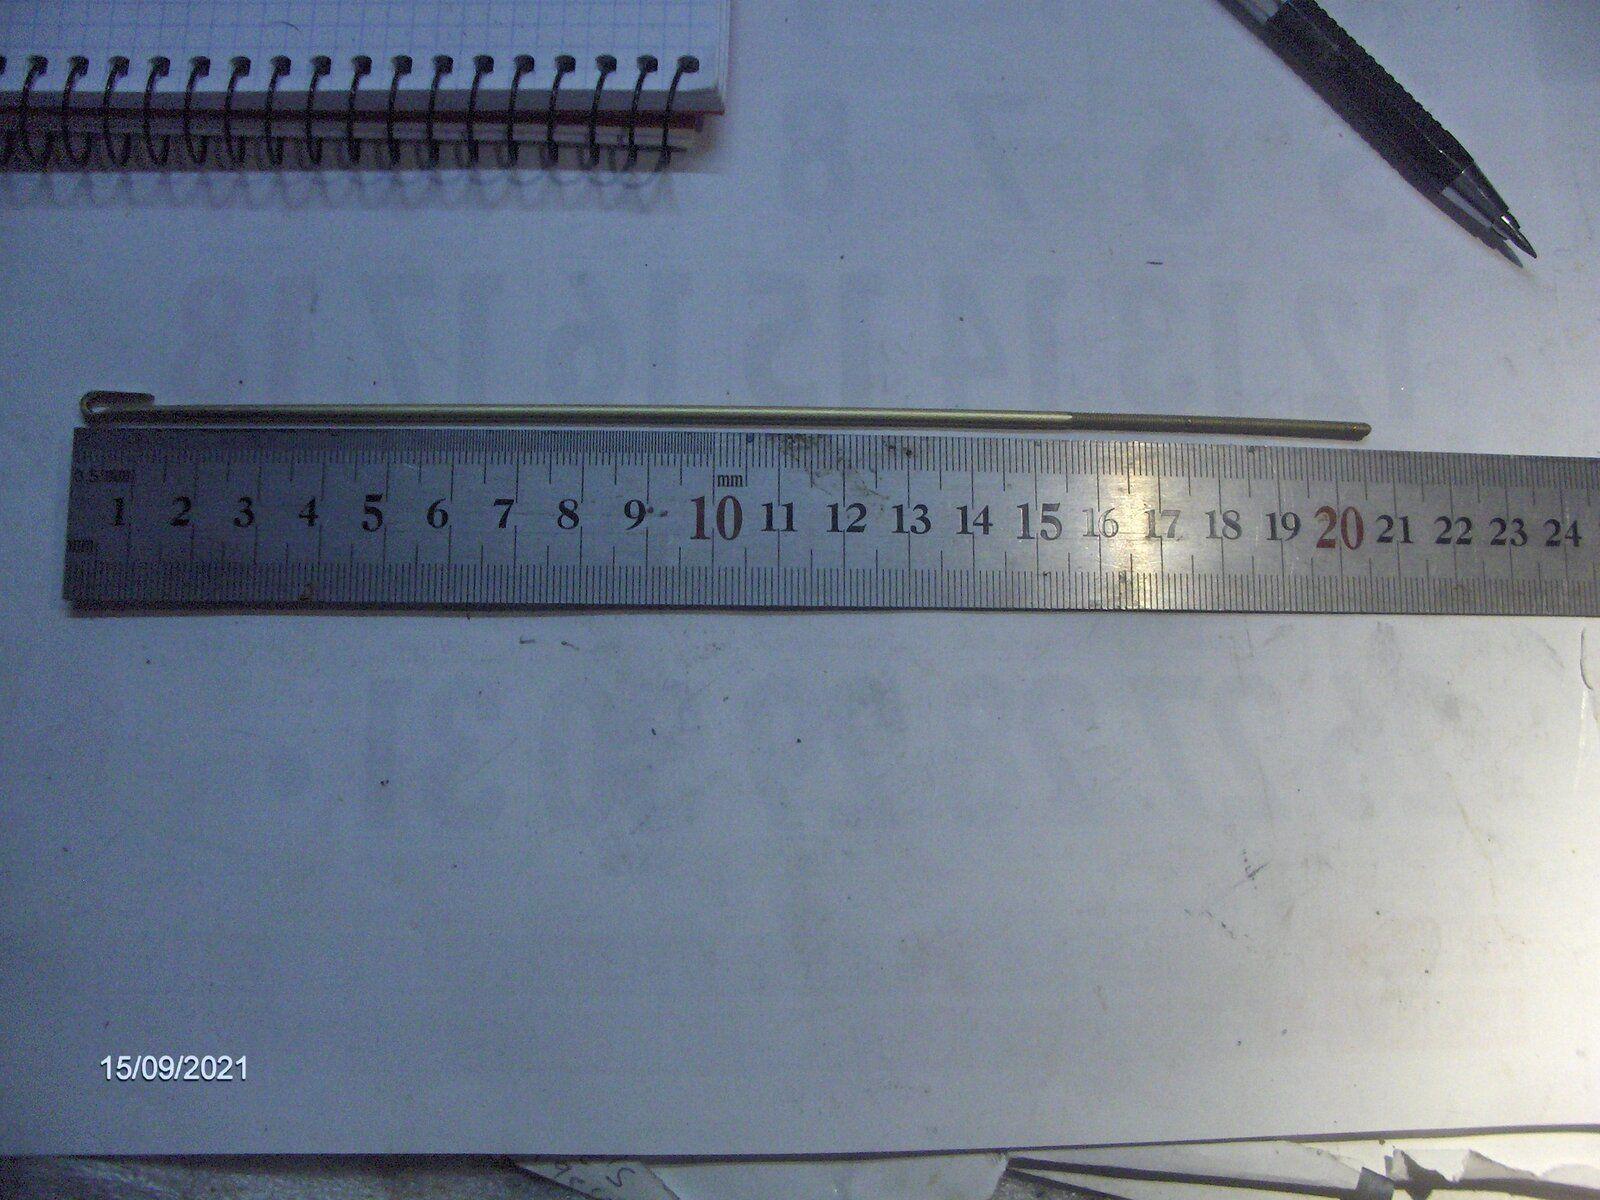 HPIM0359.JPG